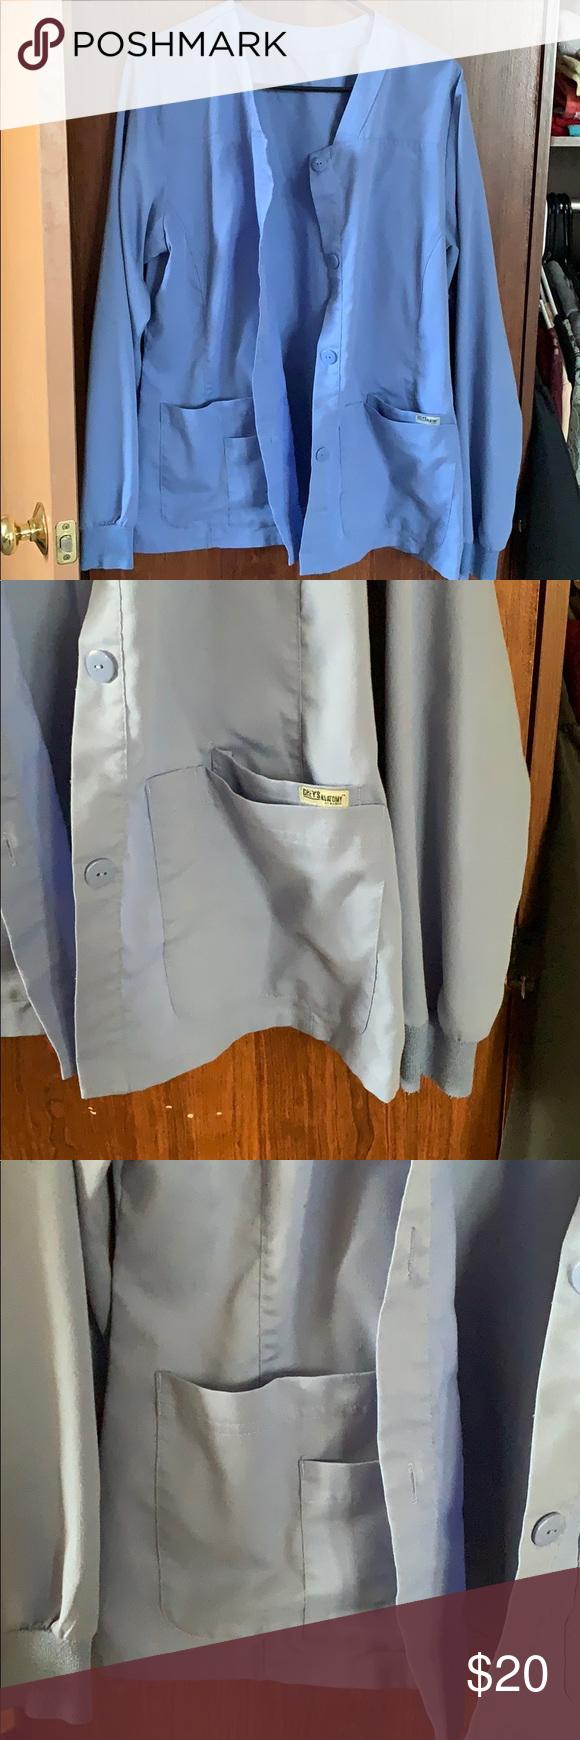 Grey anatomy ceil blue scrub jacket | Scrub jackets, Blue ...